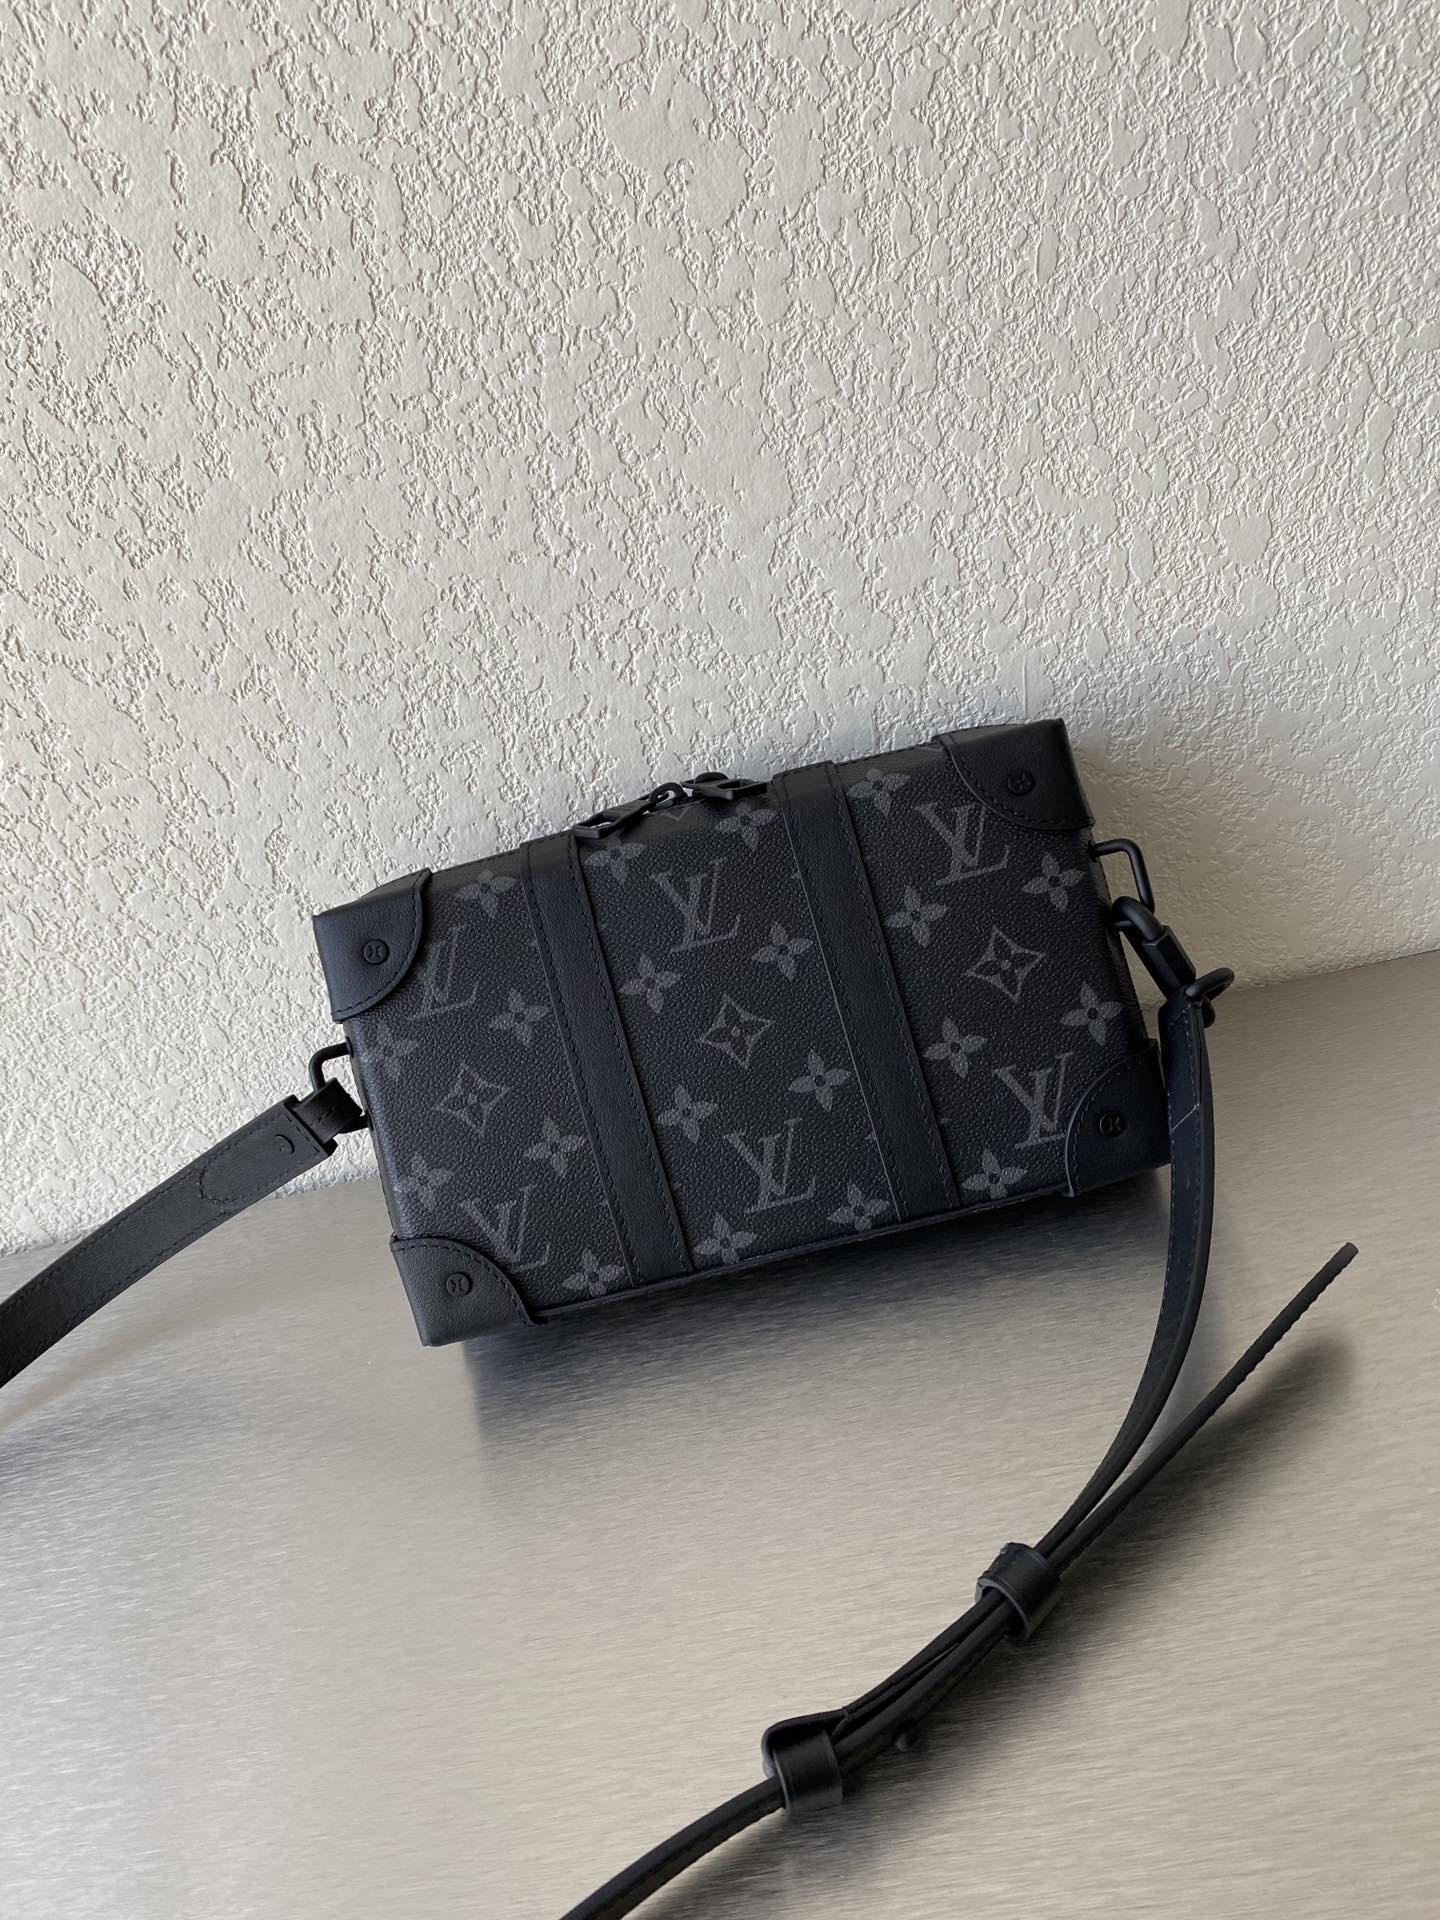 【¥950】LV秋冬秀场新款相机包44438 低调奢华有内涵